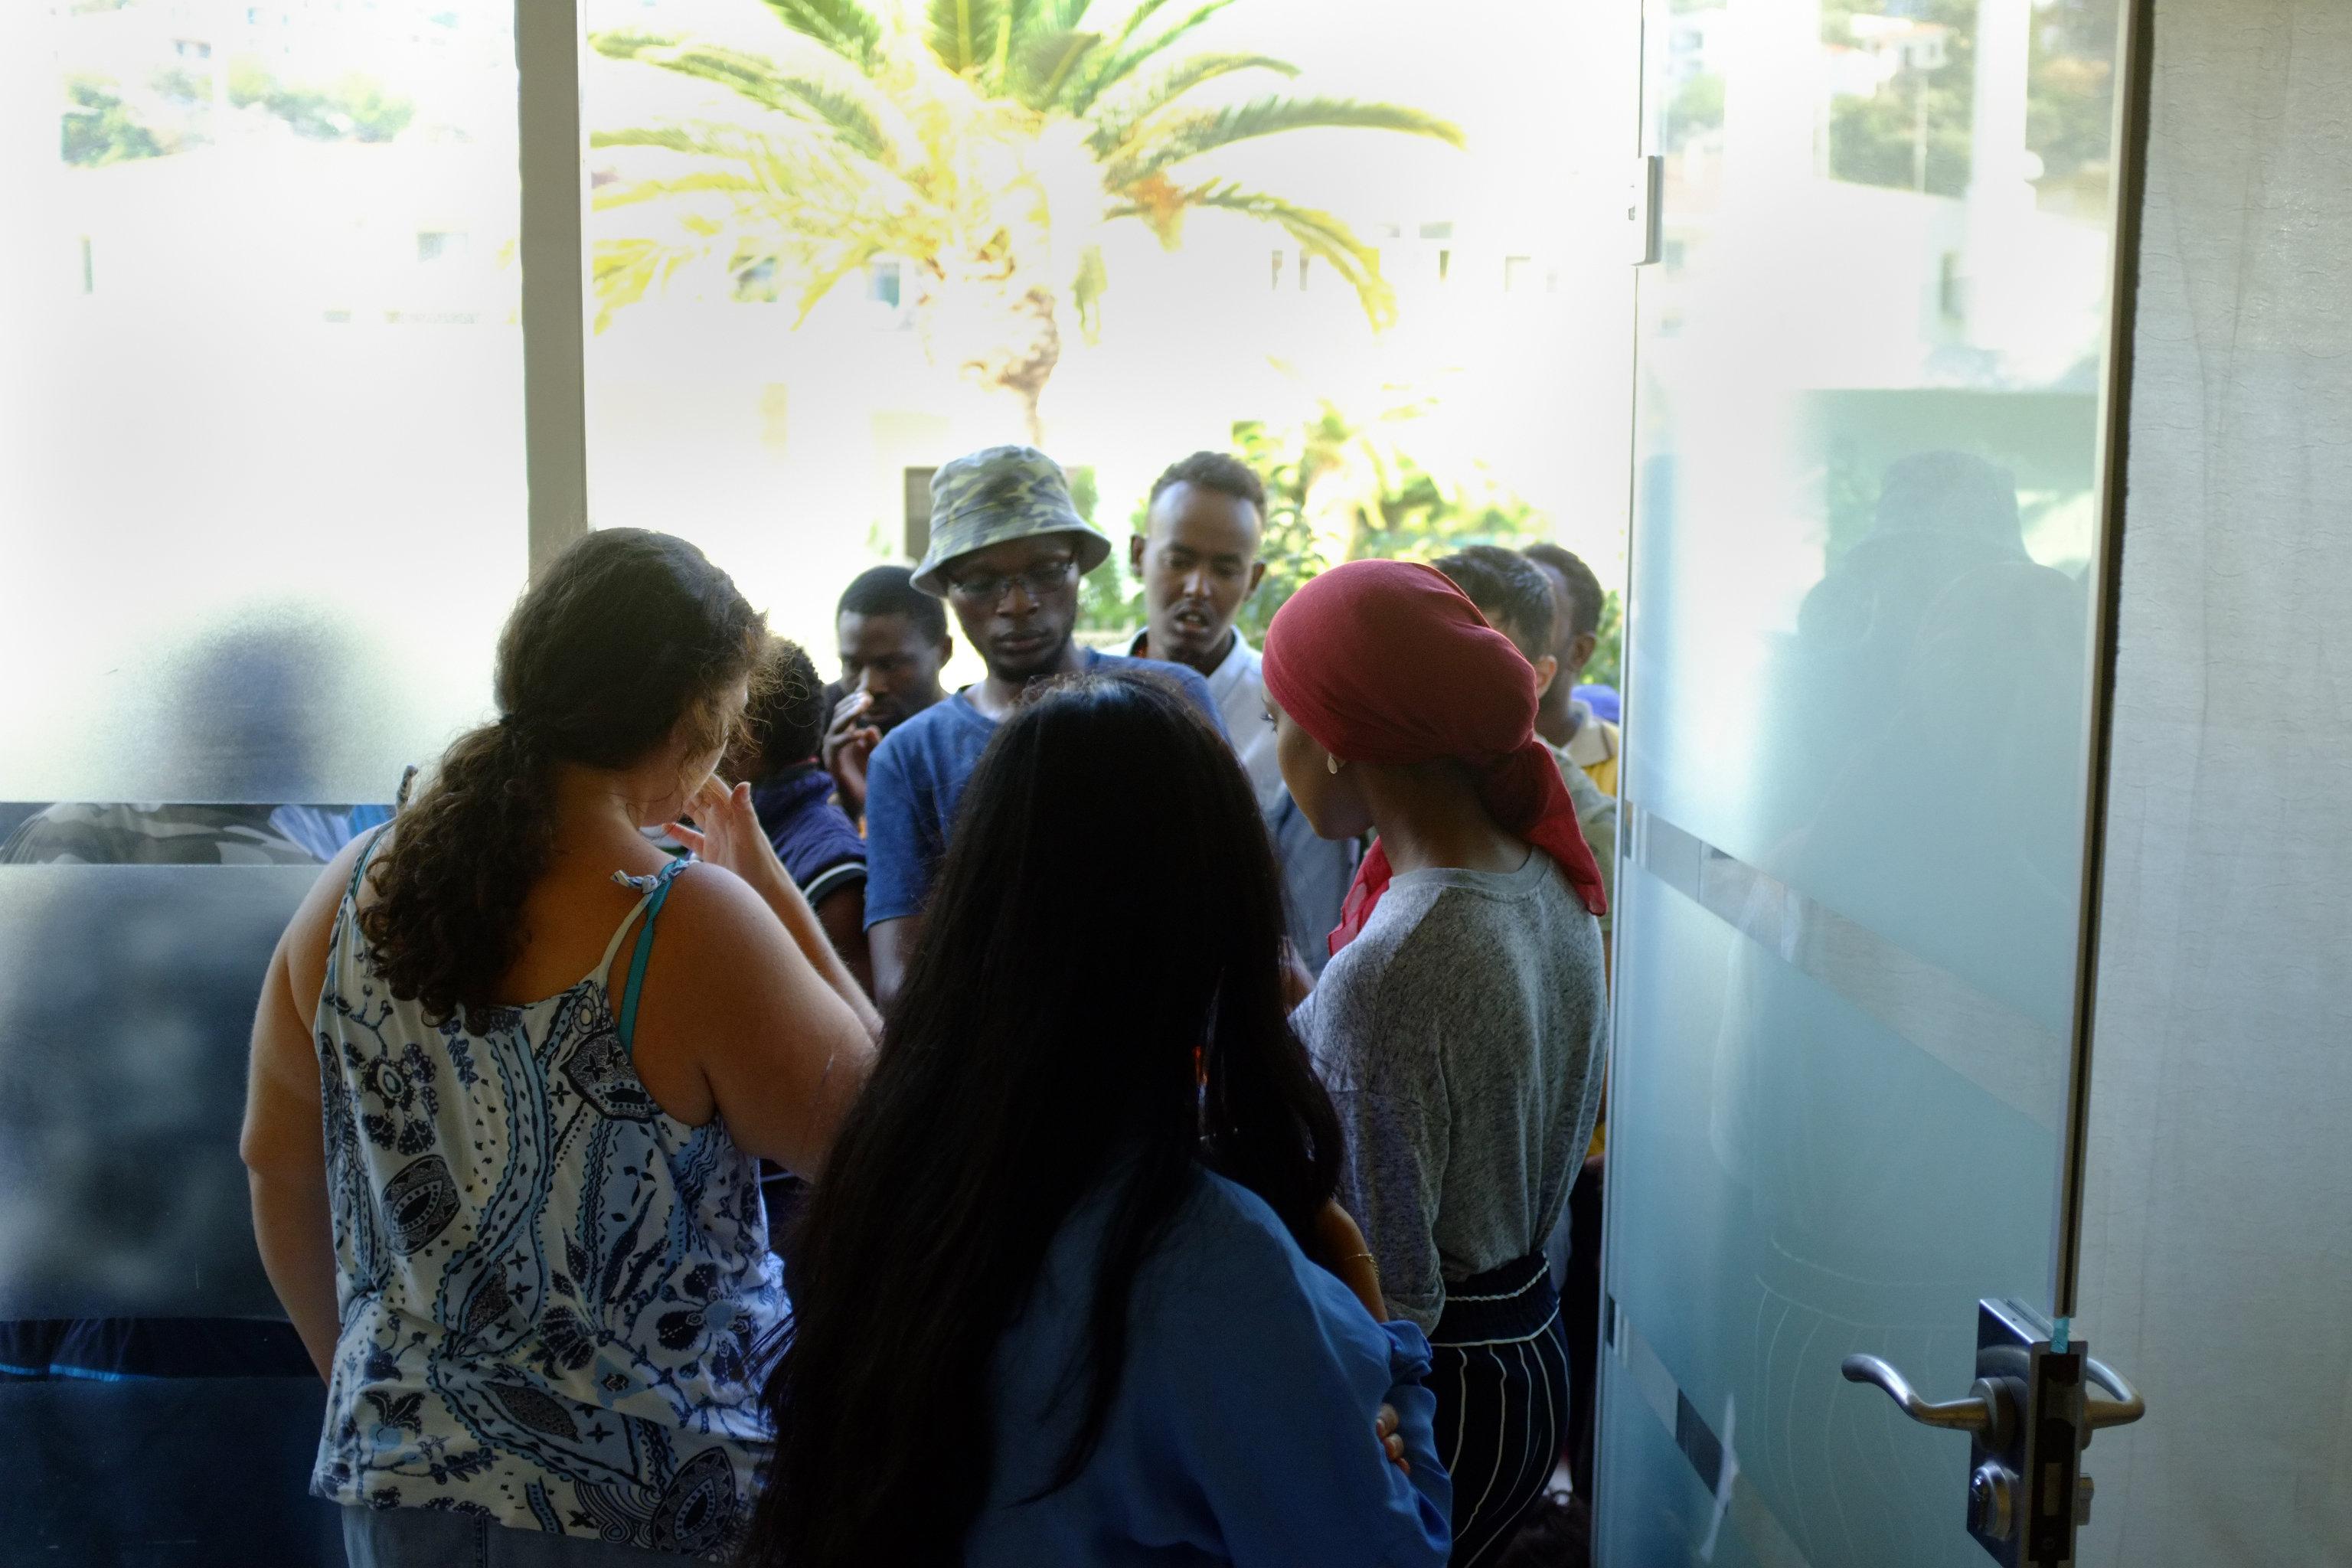 Medizischische Hilfe für Flüchtlinge in Samos - Med'EqualiTeam